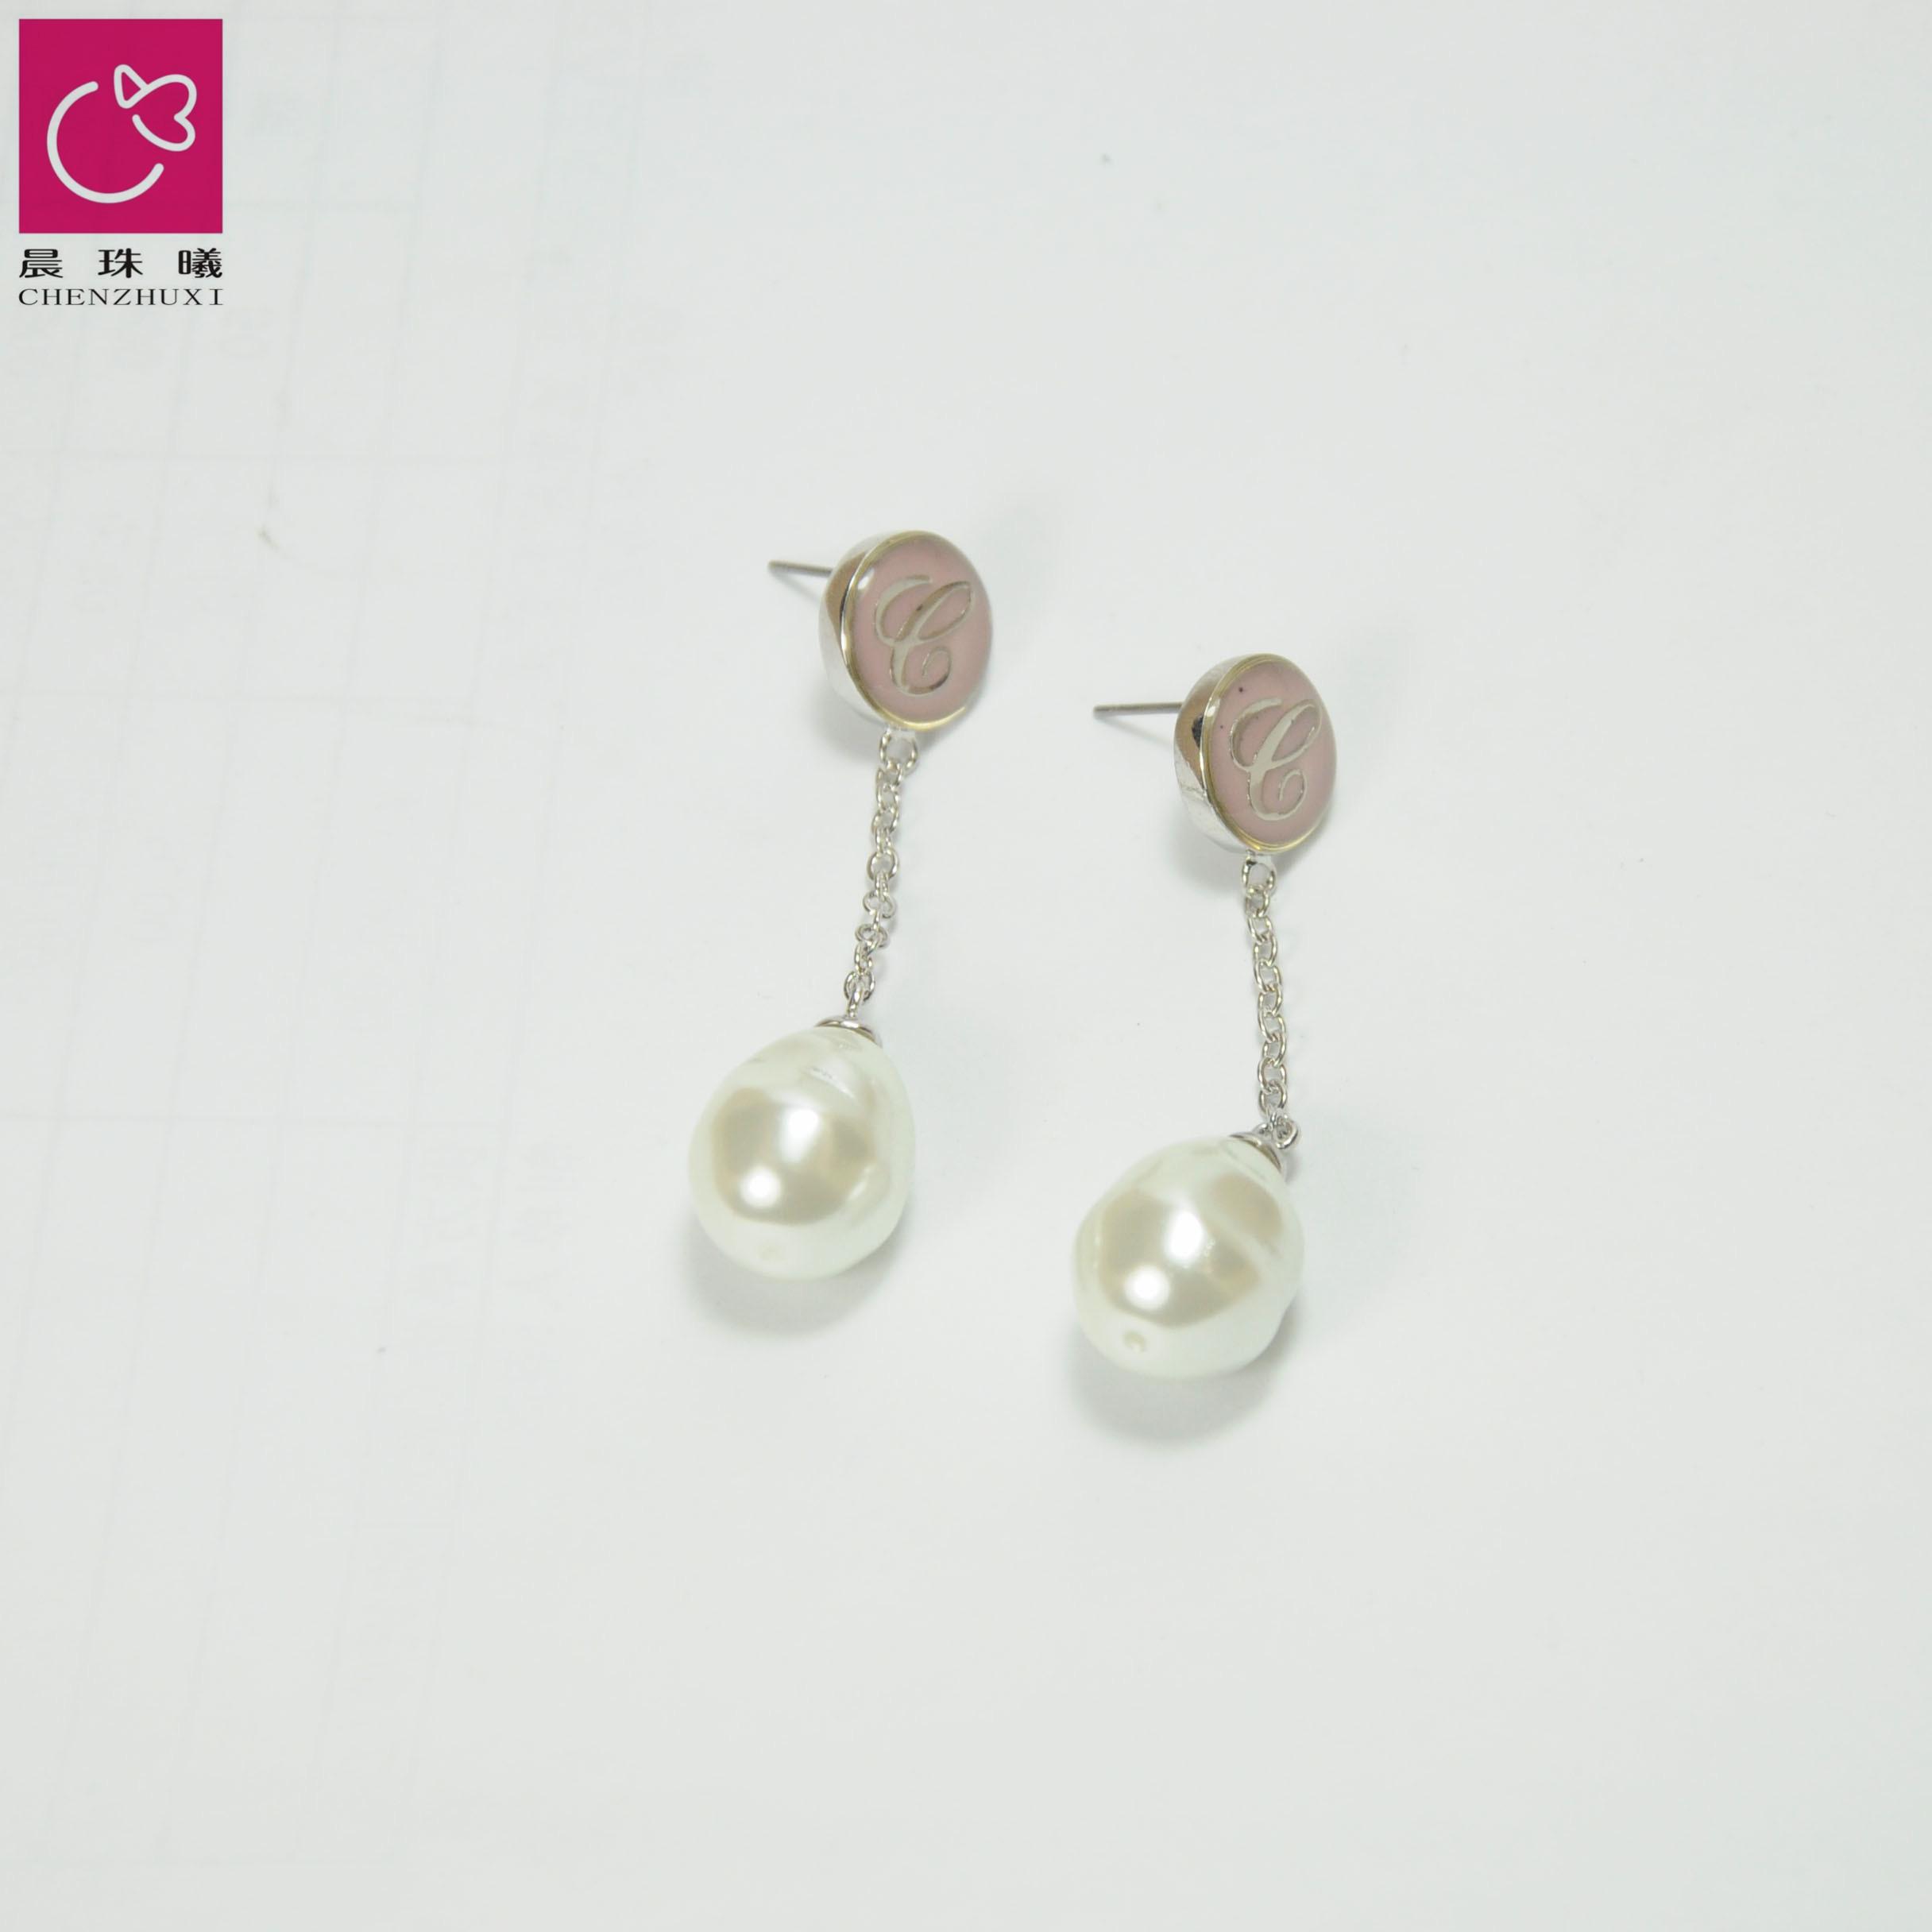 仿珍珠耳环-33